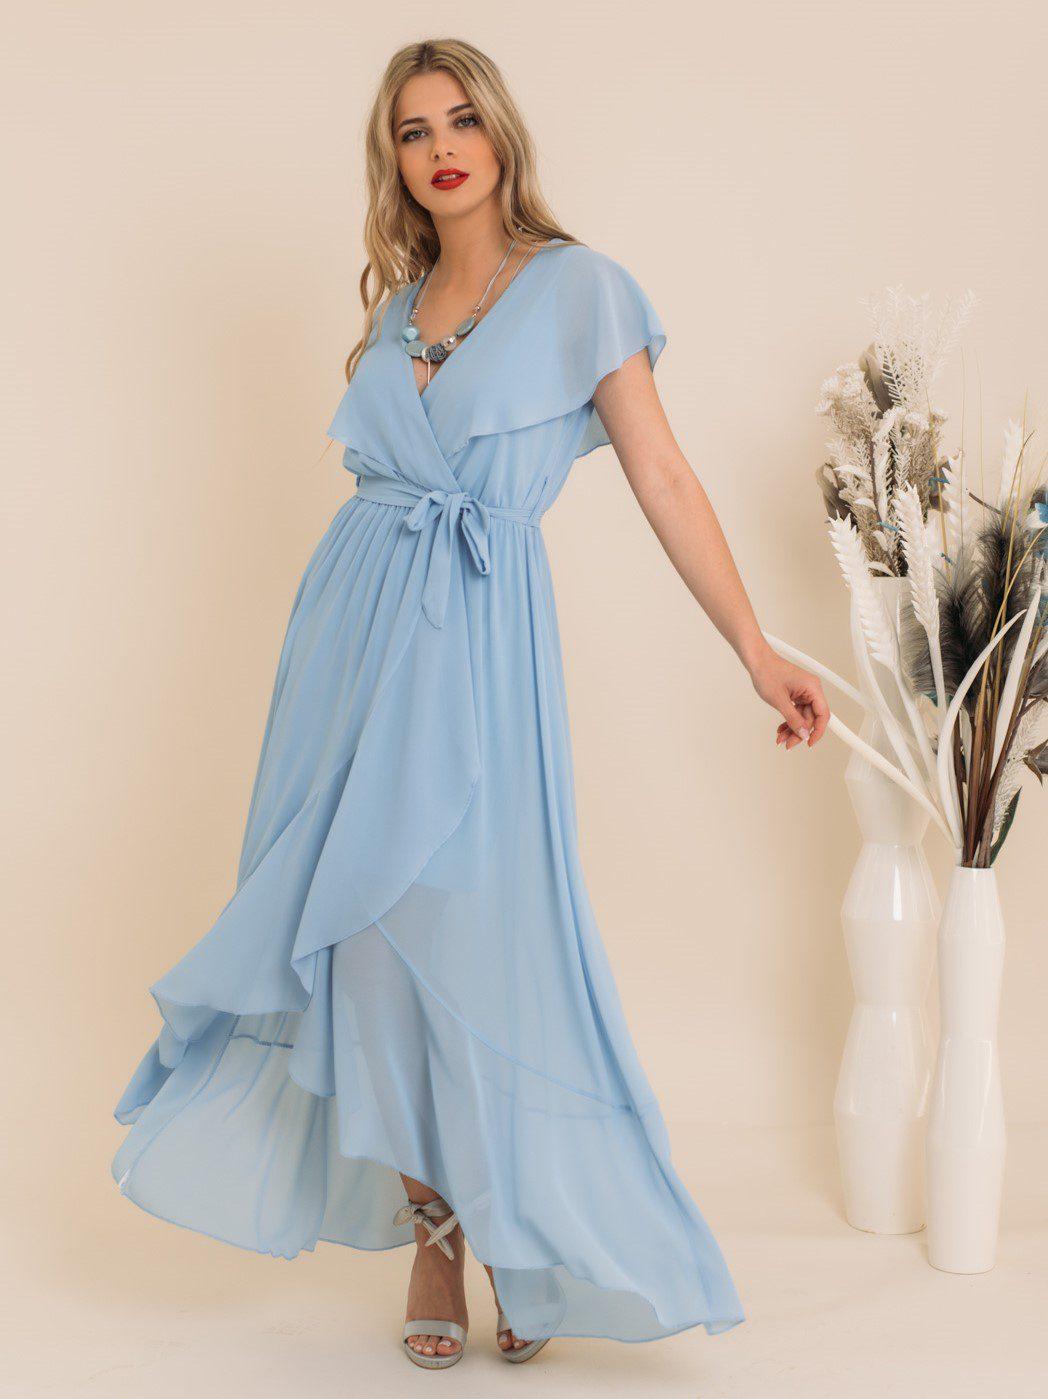 Ολόσωμη φόρμα με βολάν - Desiree